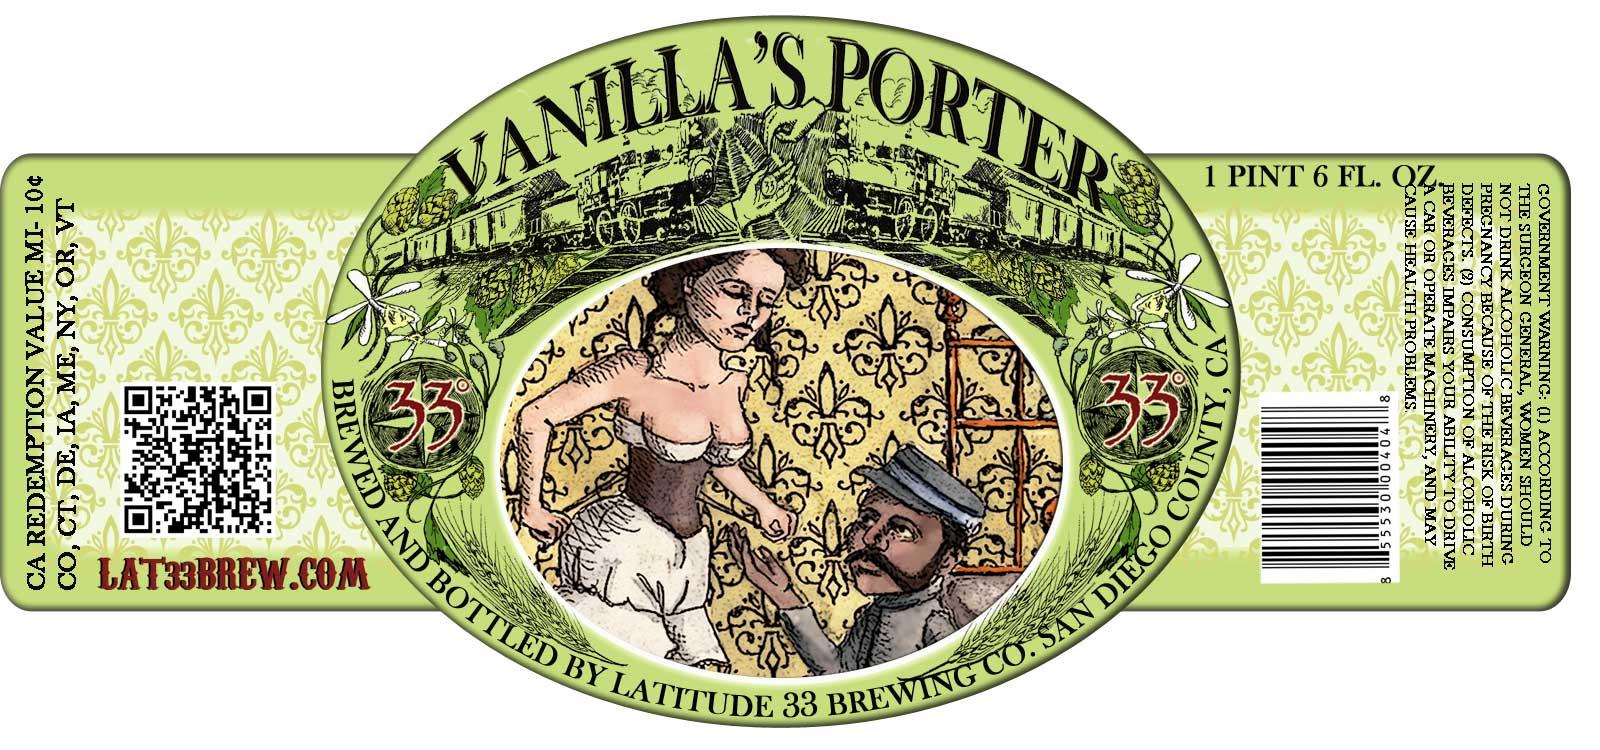 Latitude 33 Vanilla